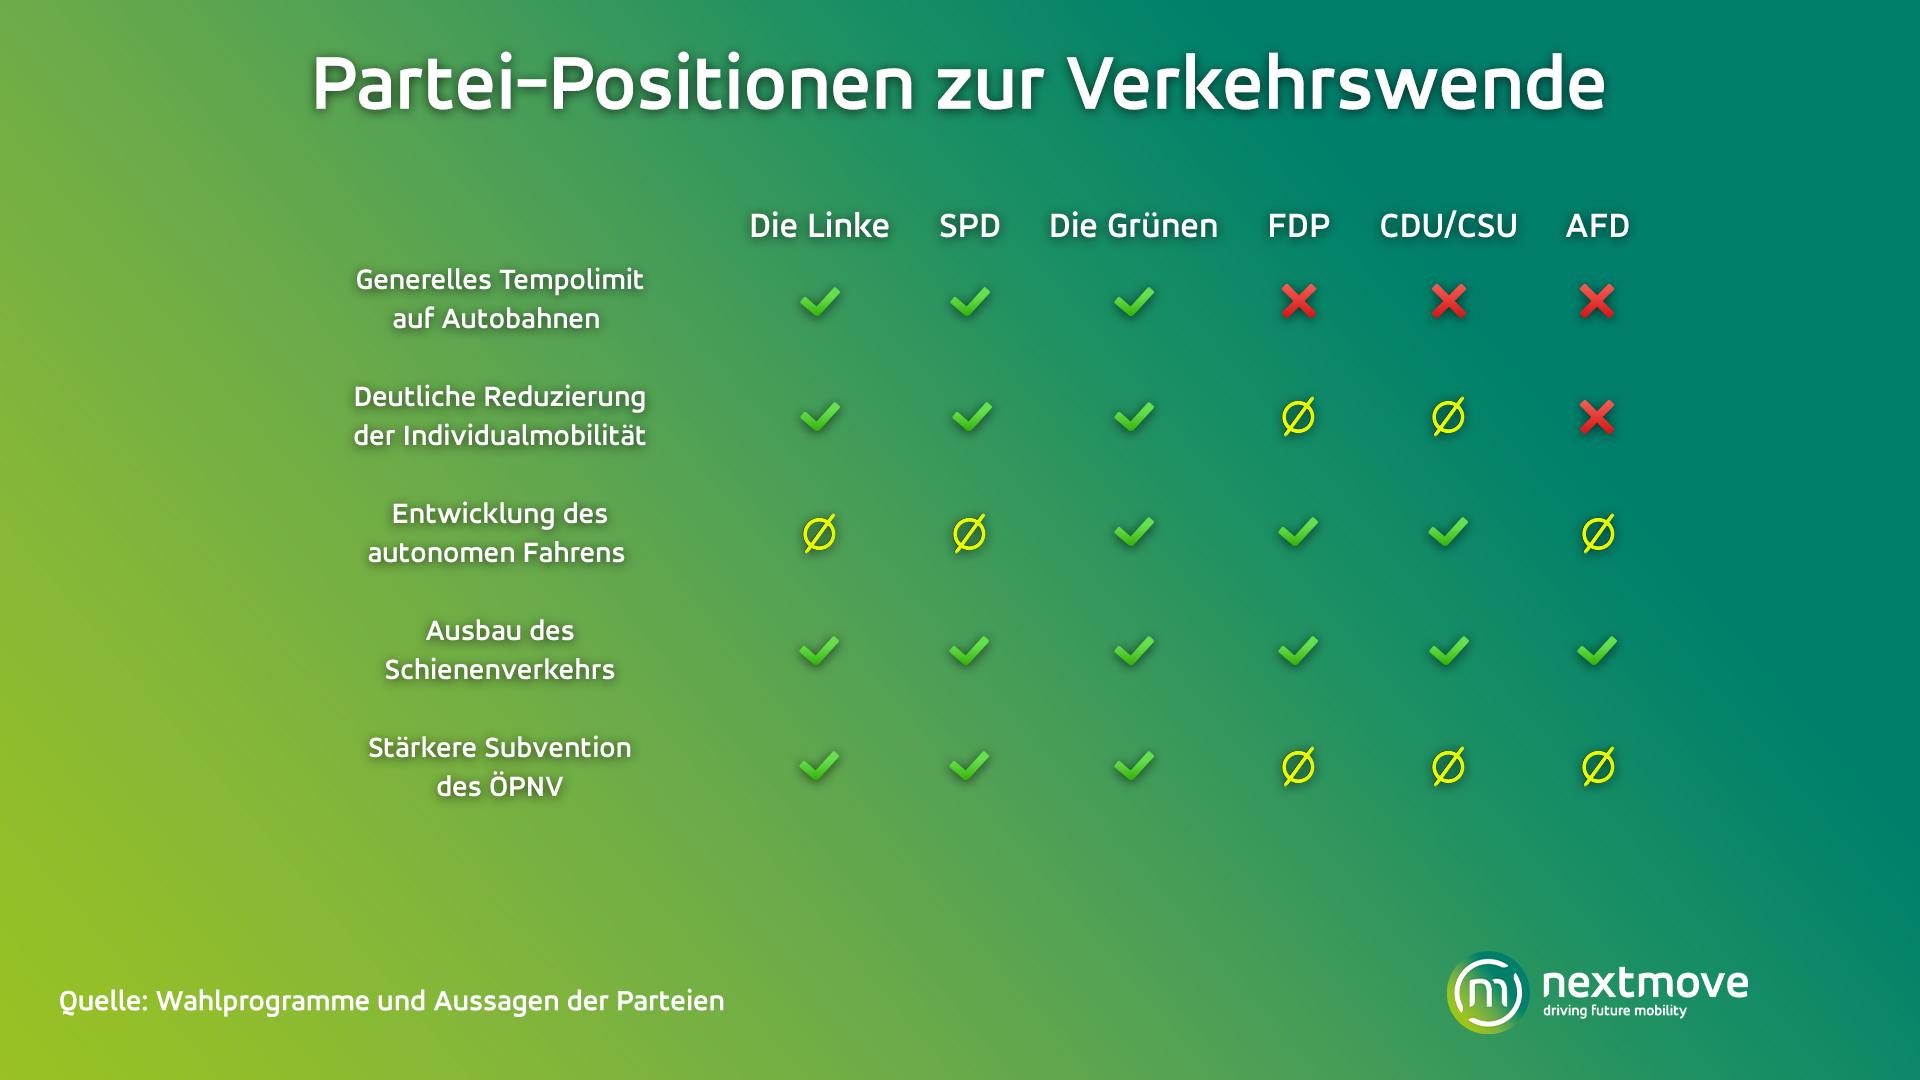 Partei-Positionen zur Verkehrswende